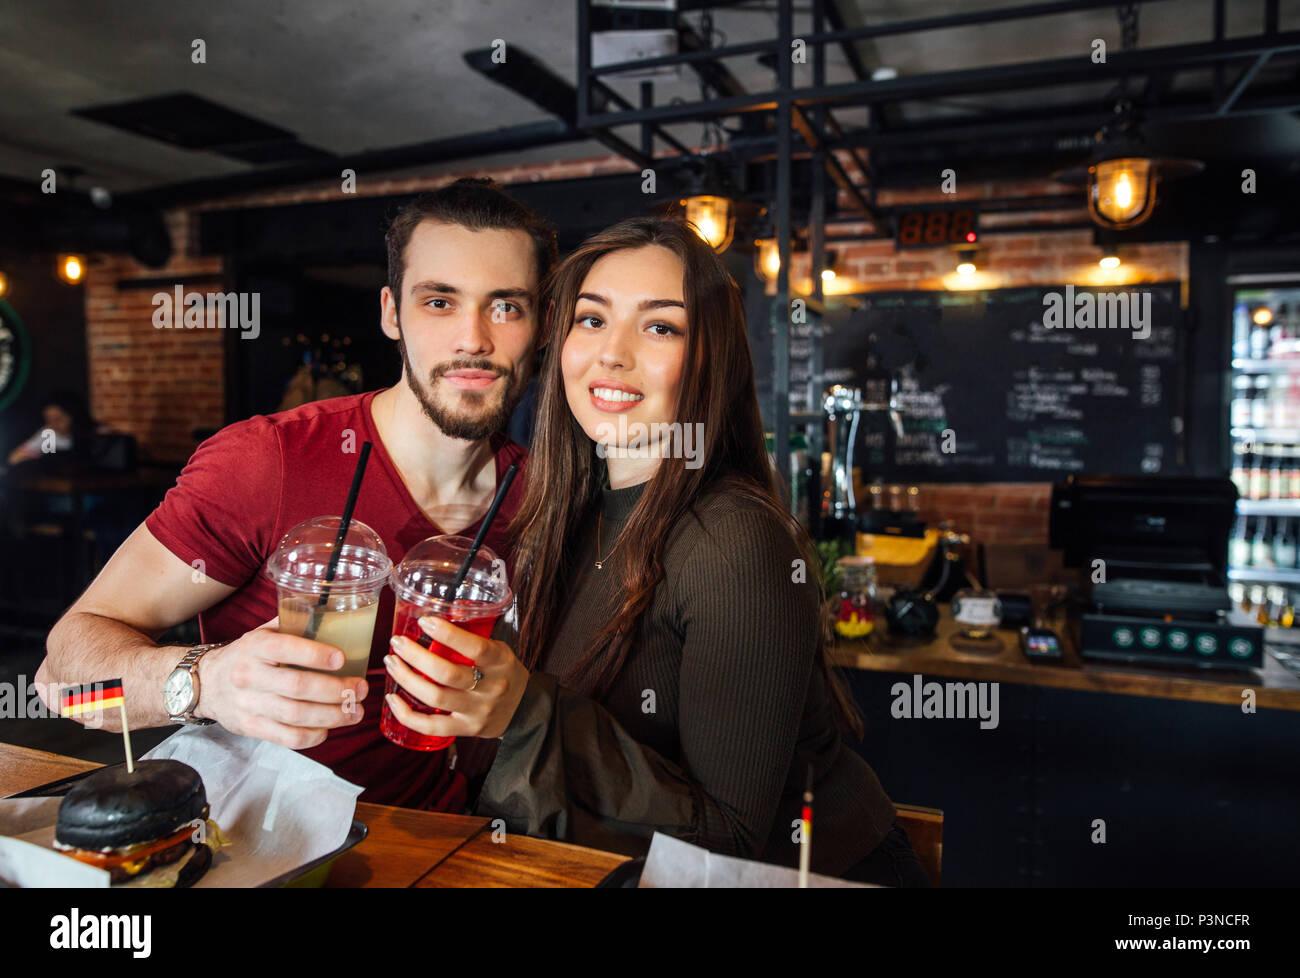 Giovani positivo amare giovane riuniti in una caffetteria. Immagini Stock